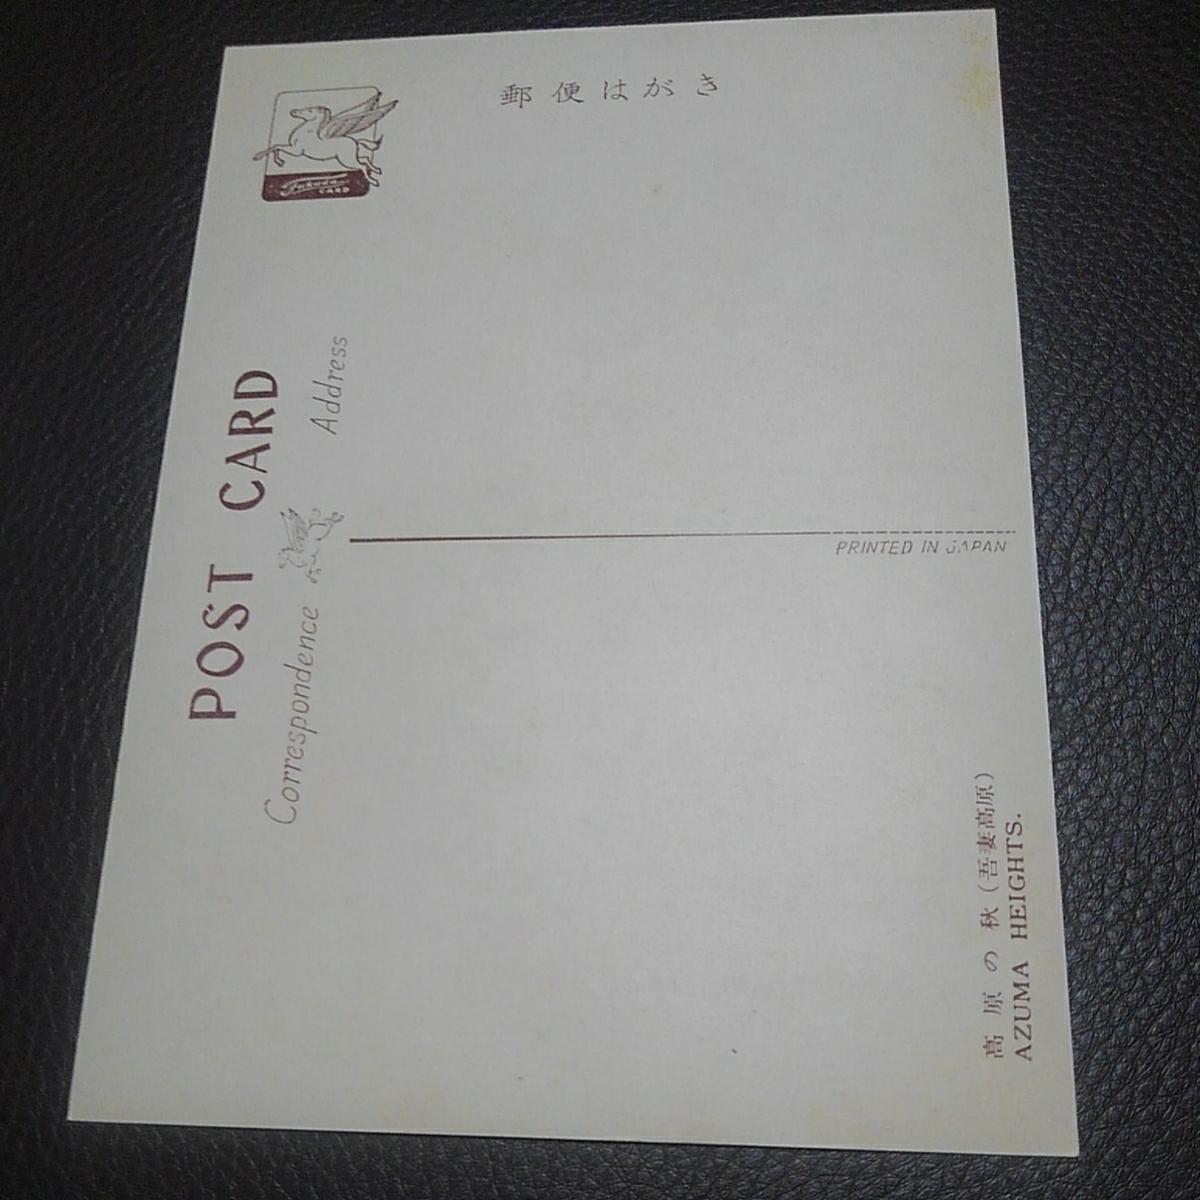 裏磐梯スカイライン 吾妻山を巡る カラープリント 国際標準版 ポストカード8枚_画像3